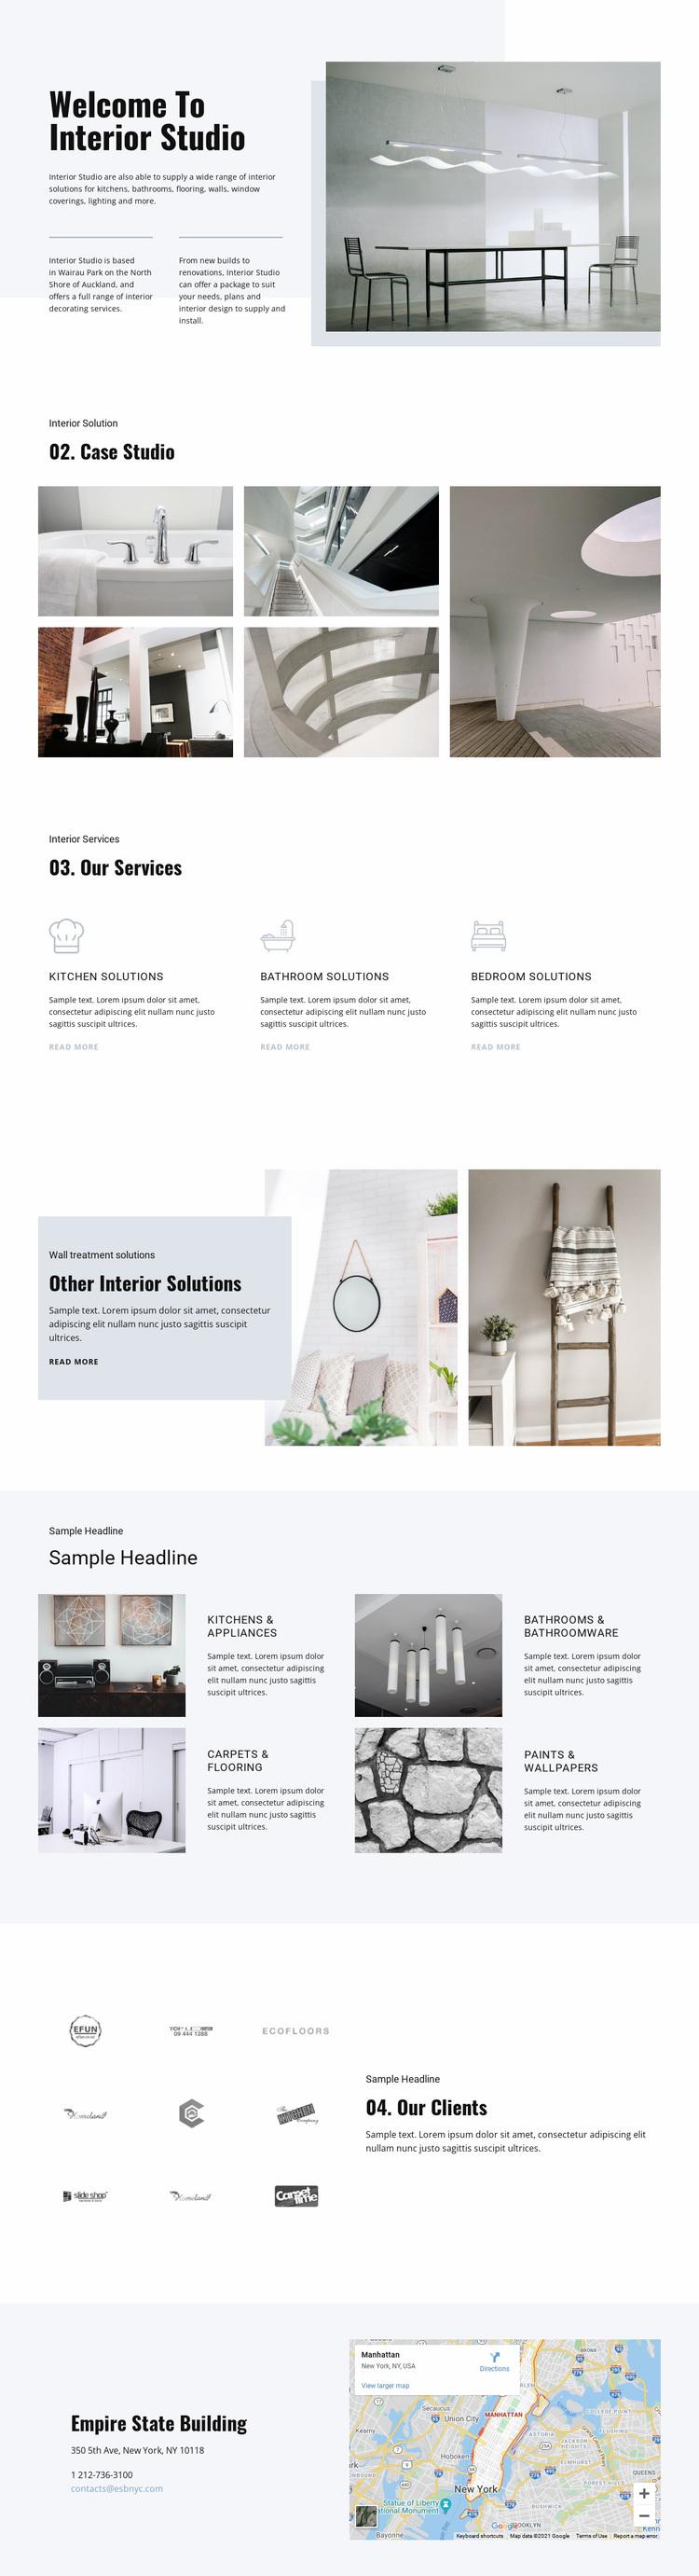 Welcome to interior studio Website Design